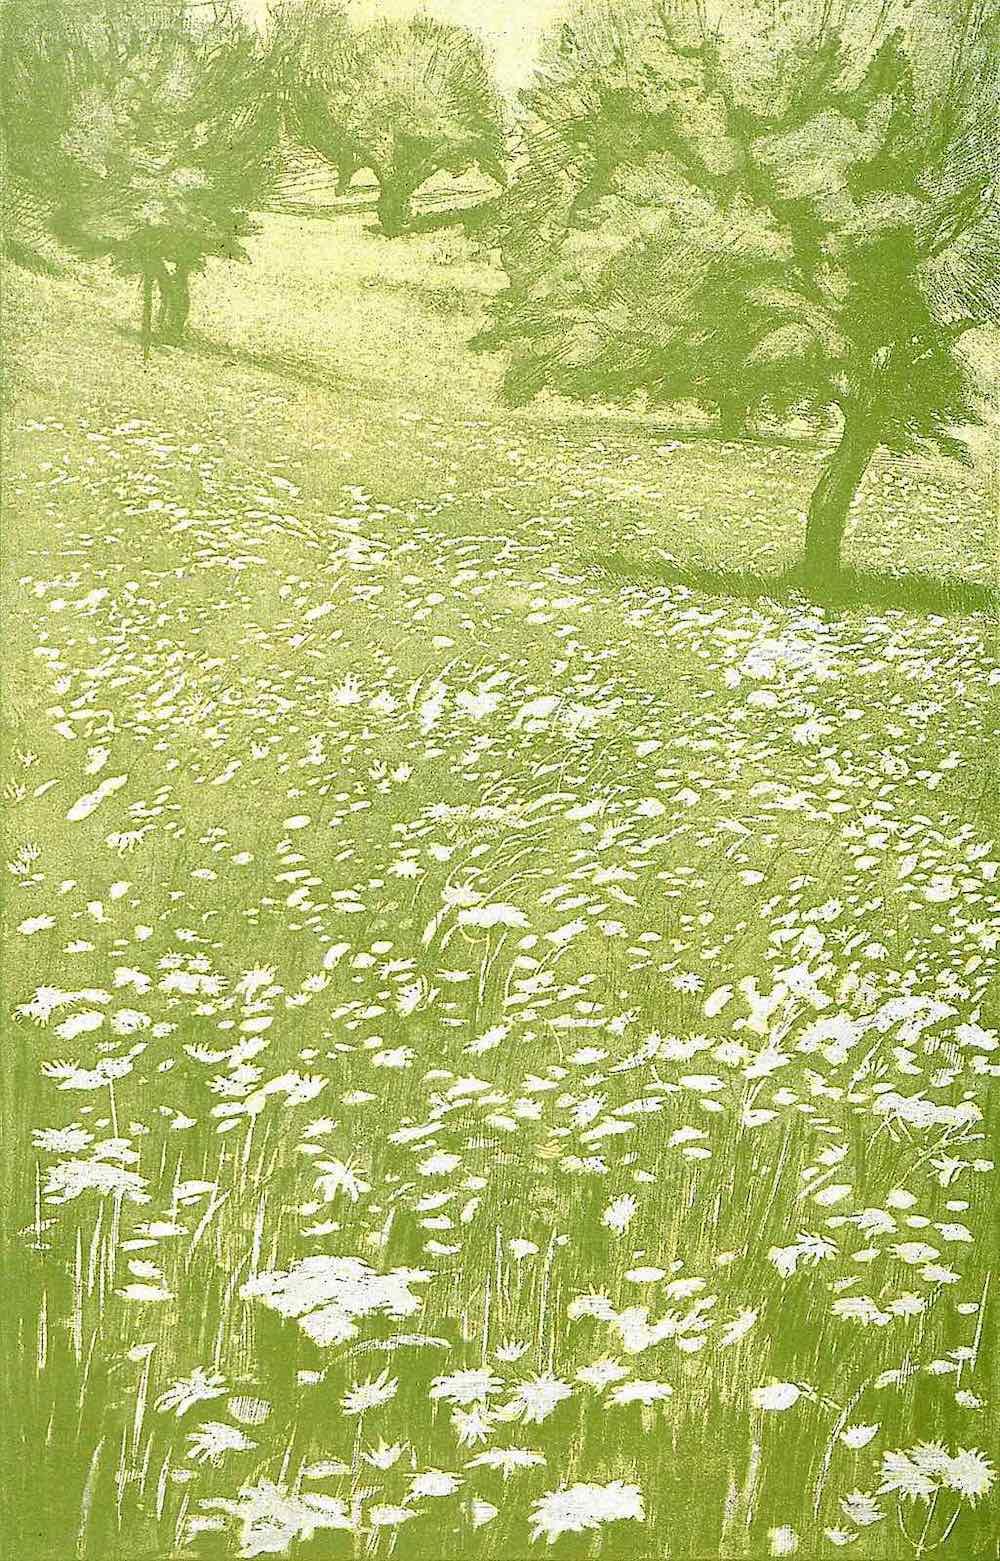 H. Seufferheld 1900 art, a wild green field